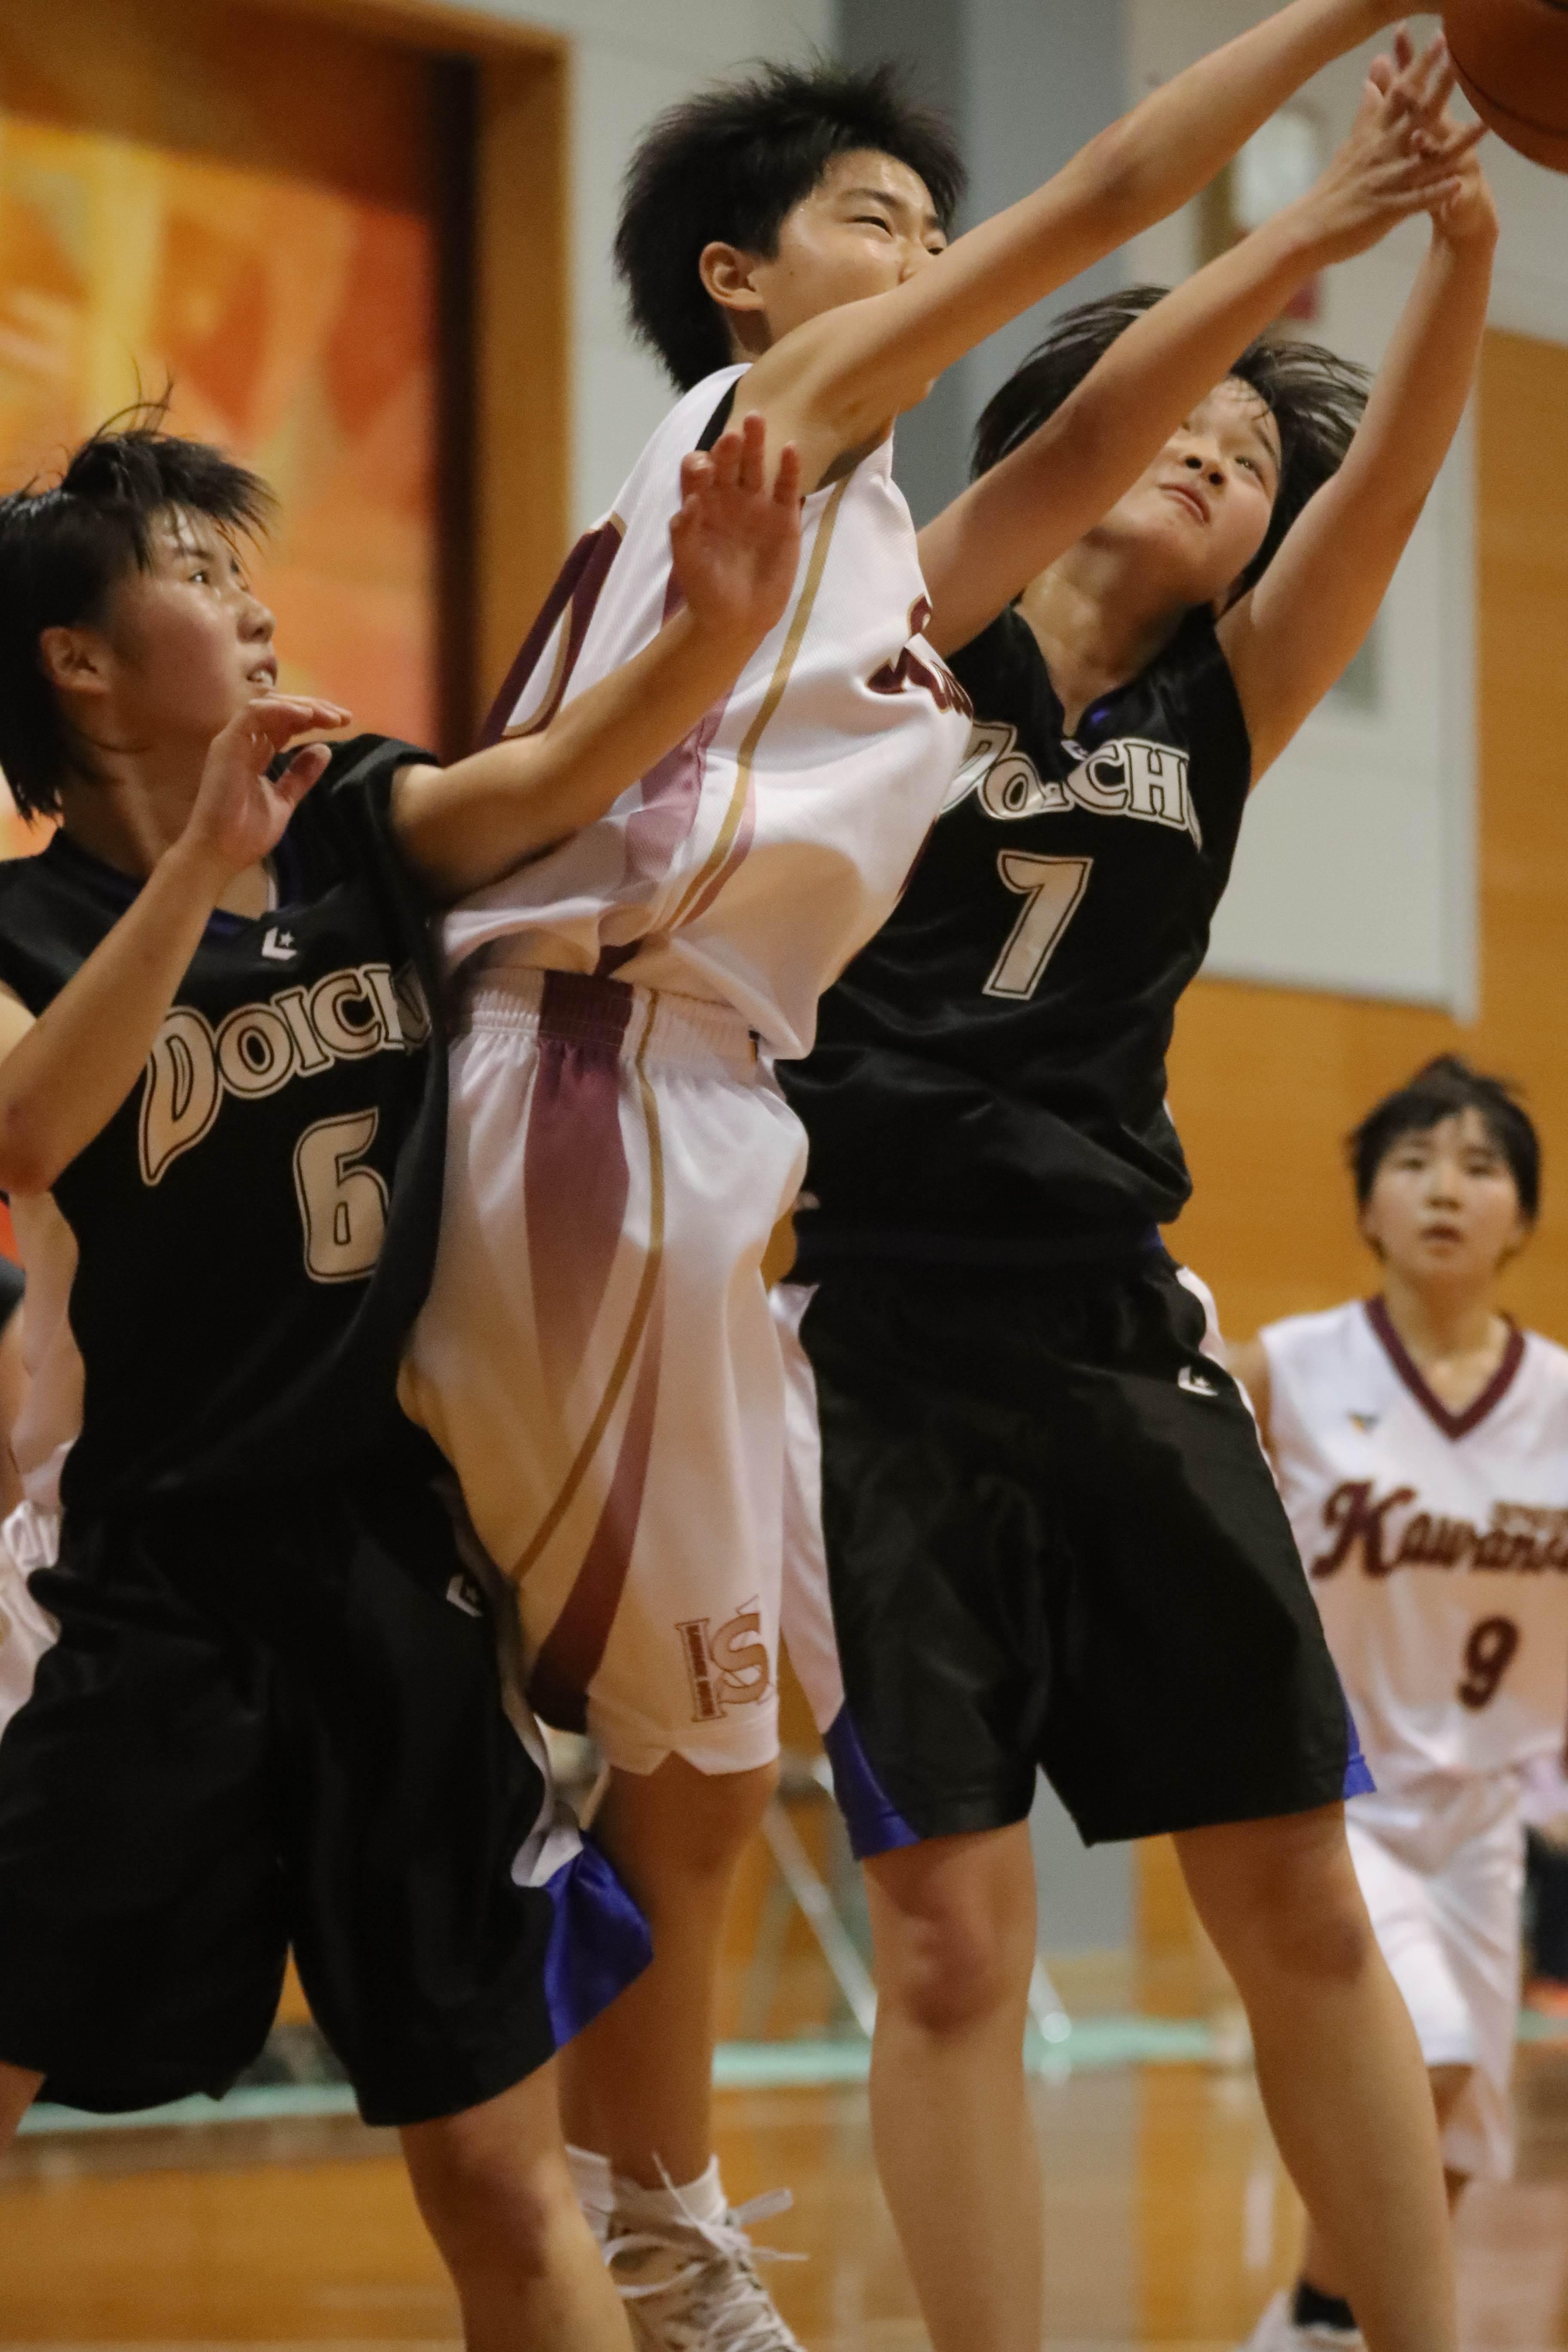 バスケットボール (44)